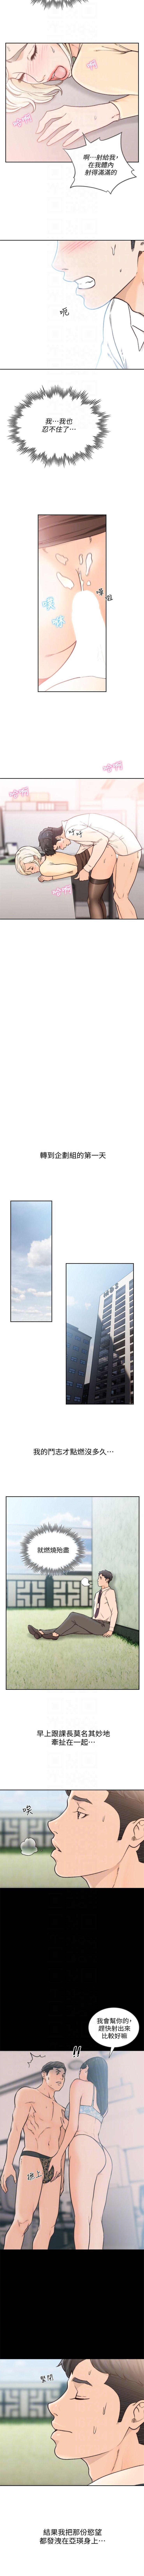 前女友 1-48 中文翻译(更新中) 157